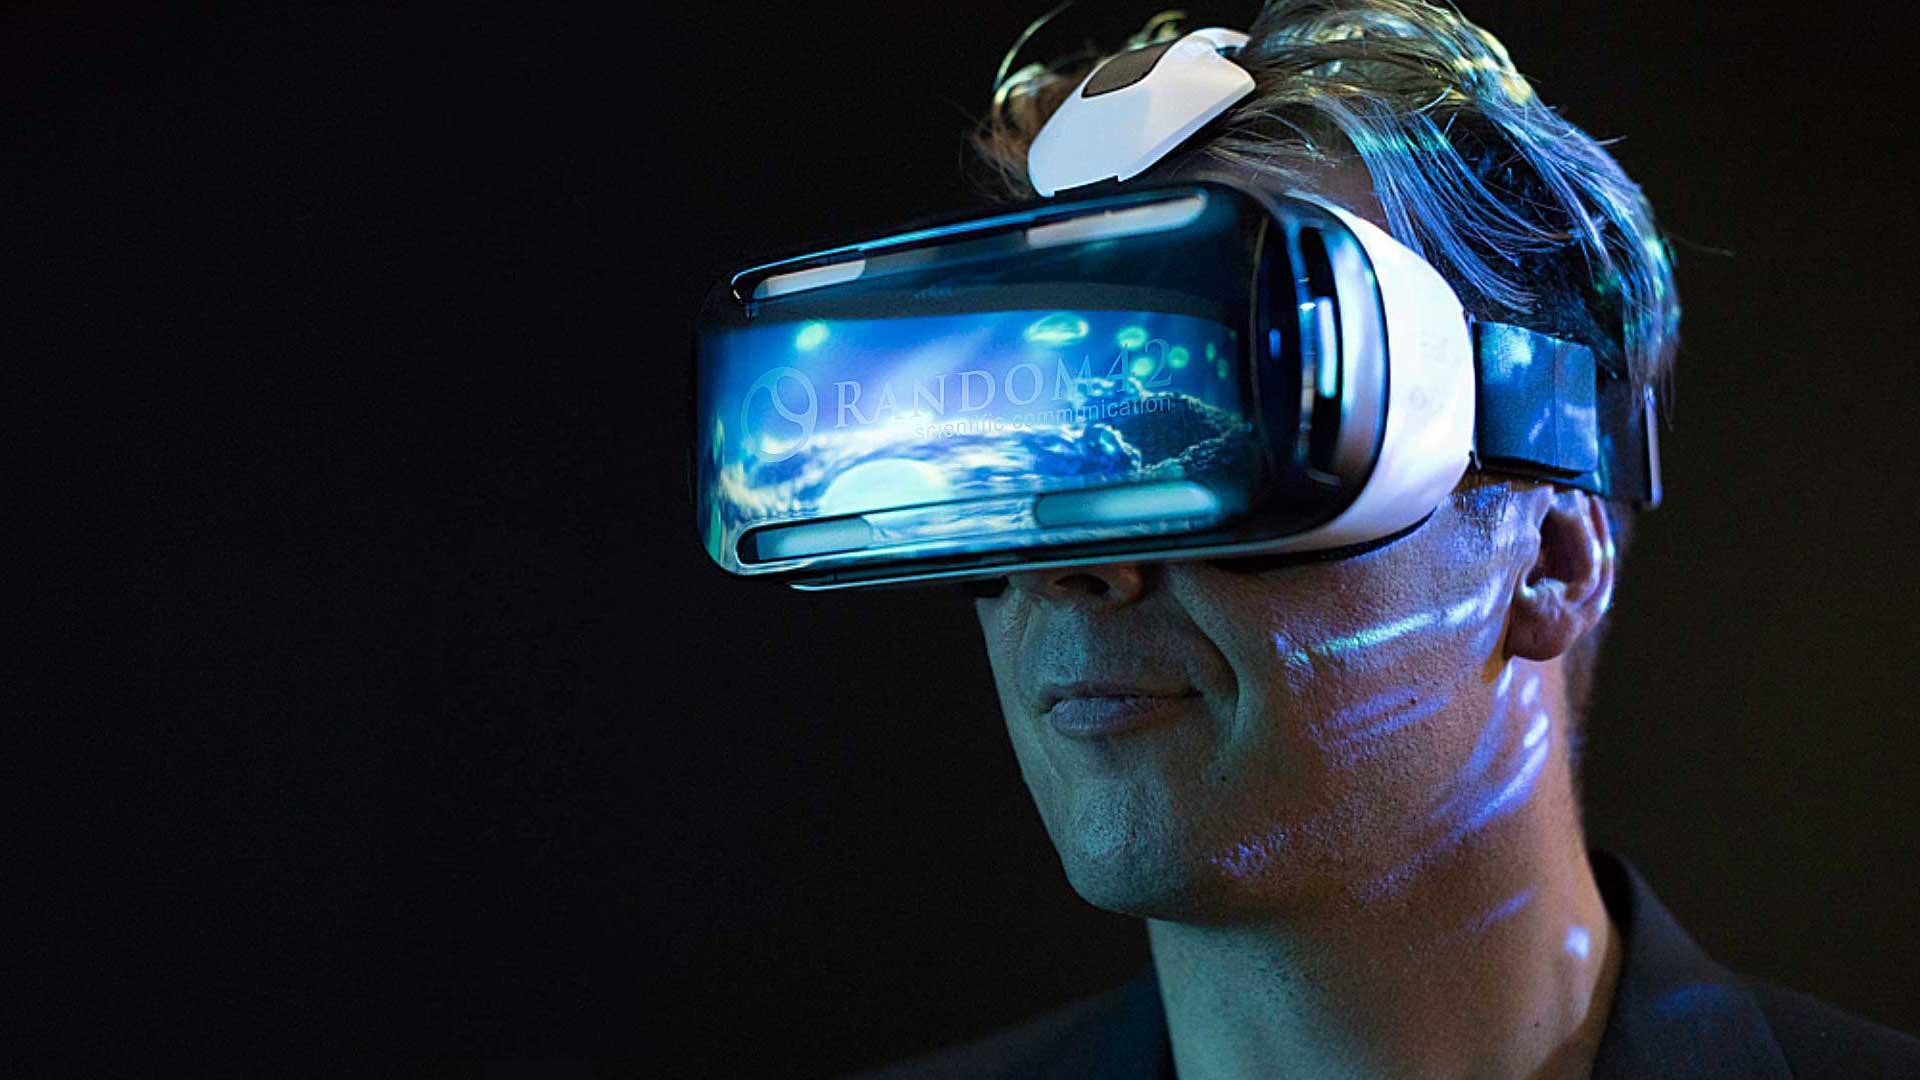 واقعیت مجازی چیست و چطور اختراع شد؟